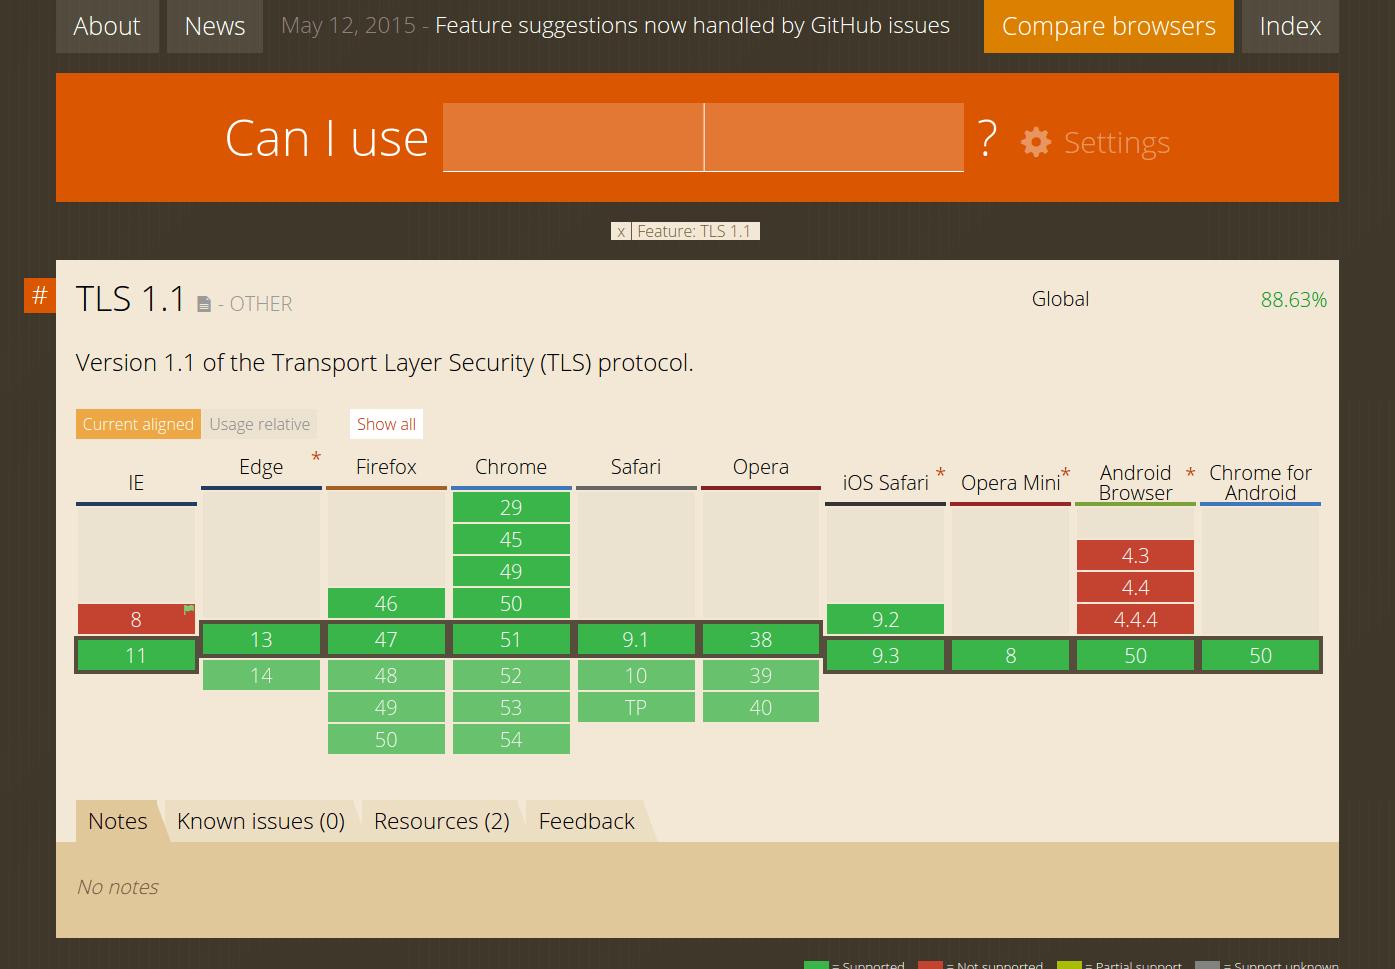 CanIuse_TLS-1.1